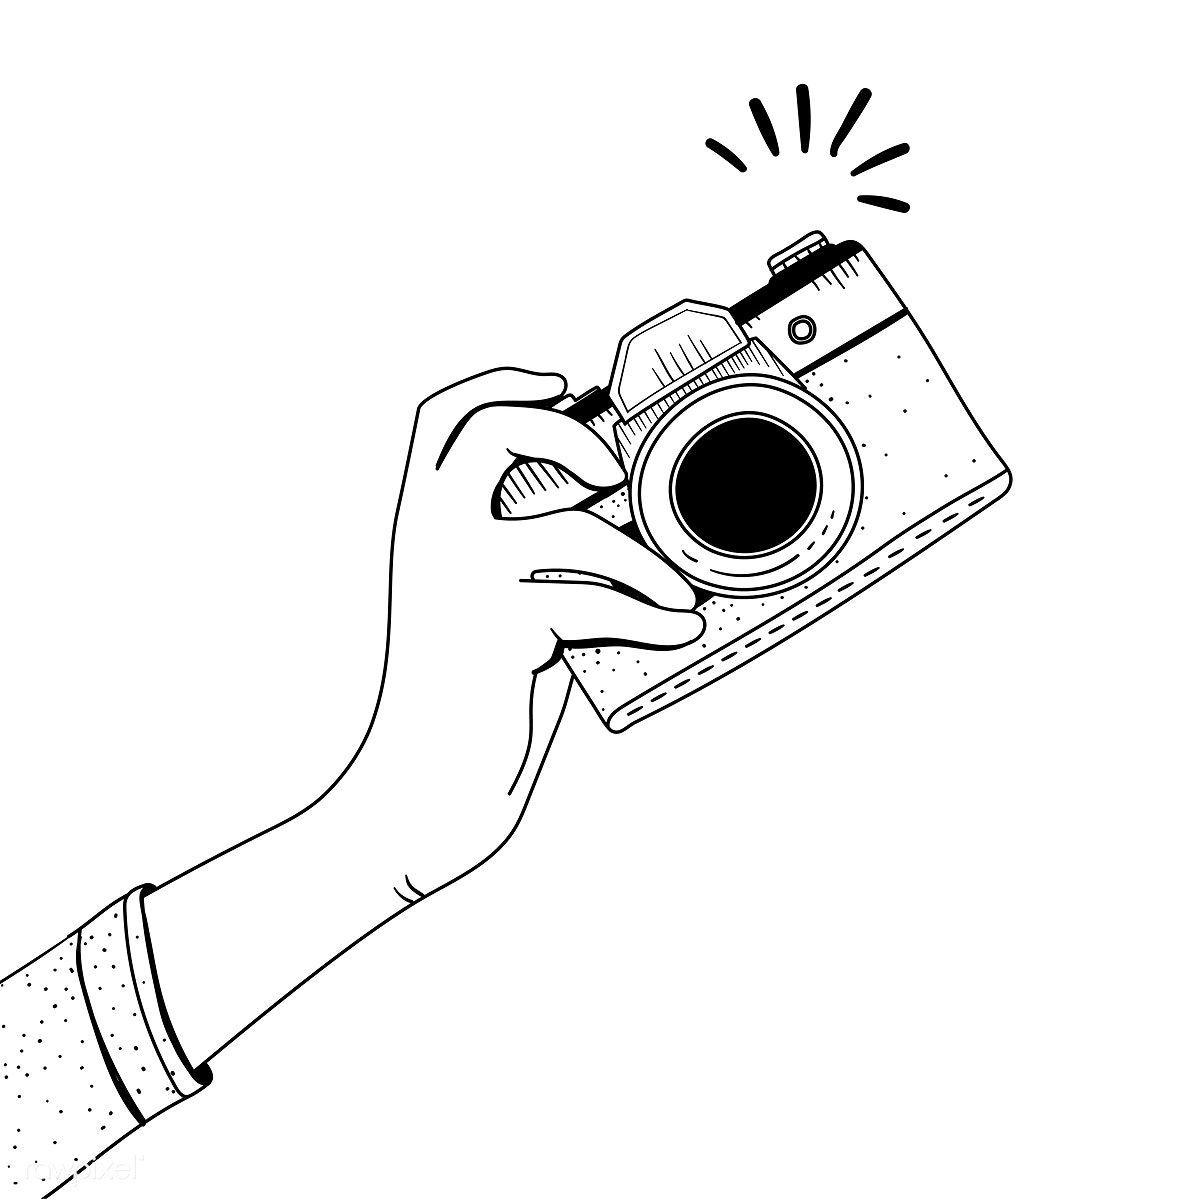 Vector De Camara Vintage Imagen Gratis Por Rawpixel Com Busbus Camara Camera Fotogra Dibujos Camaras Fotograficas Camara De Fotos Dibujo Dibujo De Camara